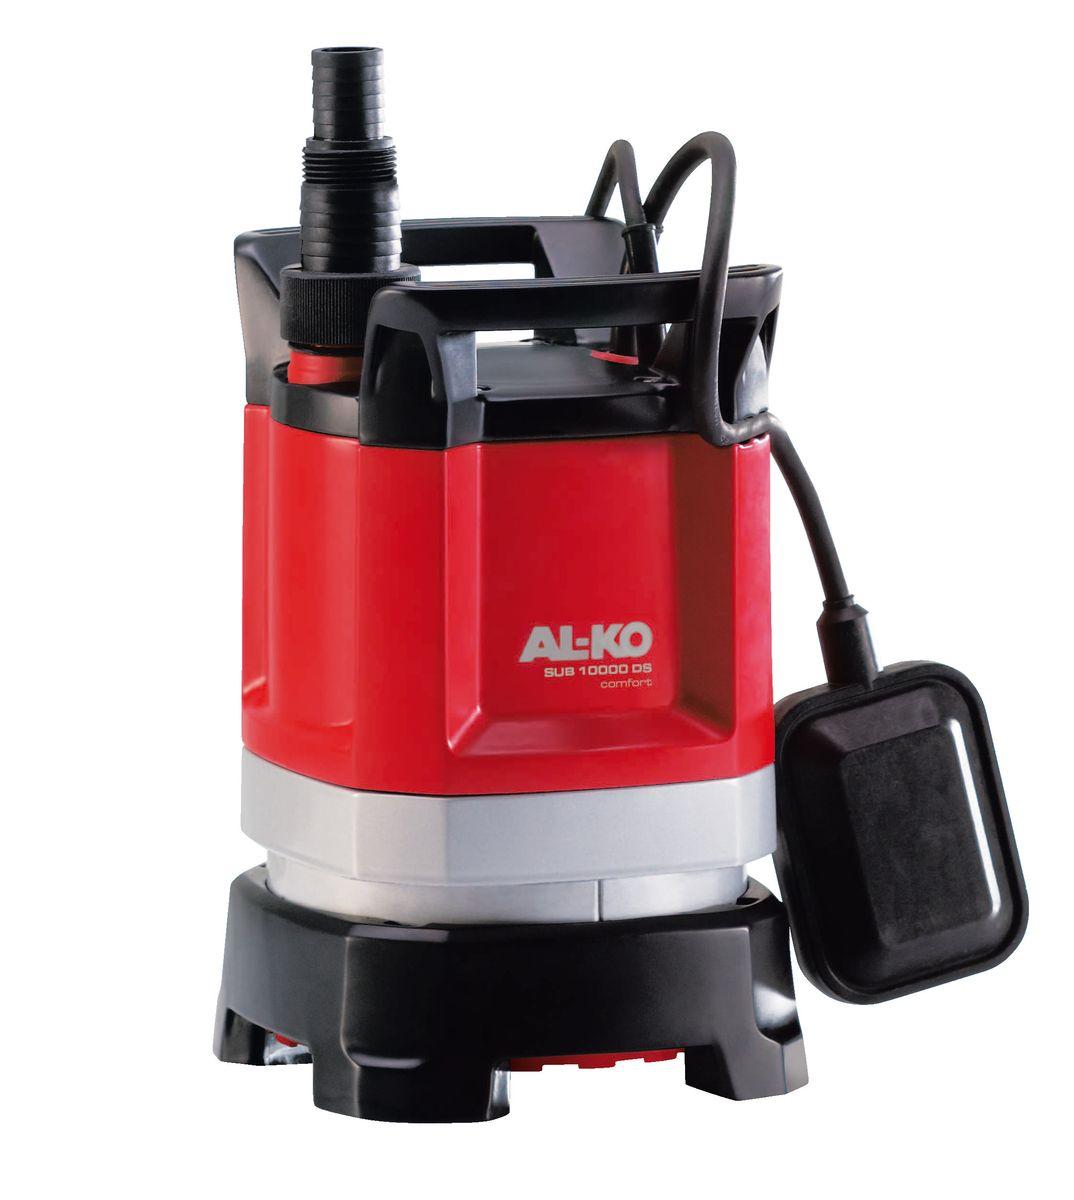 Насос погружной AL-KO SUB 10000 DS Comfort112823Погружной насос AL-KO SUB 10000 DS Comfort обладает такими качествами, как надежность, комфорт и мощность. Не подверженные ржавчине стальные валы, не требующие смазки и техобслуживания шарикоподшипники, трехслойный сальник и прочный корпус обеспечивают погружному насосу надежность и долговечность. К универсальному разъему можно подключить любой стандартный шланг. Выпускное отверстие в верхней части насоса обеспечивает оптимальное охлаждение двигателя в режиме откачивания воды до минимального уровня. С помощью свободно регулируемого держателя поплавкового выключателя можно легко и быстро установить его на выбранном вами уровне для автоматического включения и выключения насоса. С погружным насосом у вас есть выбор: благодаря регулируемому основанию и большим впускным отверстиям можно не только быстро перекачать большой объем воды, но и откачать воду до минимального уровня - около 3 мм. Вид привода: электрический. Откачивание до минимального уровня: 3 мм. Длина...